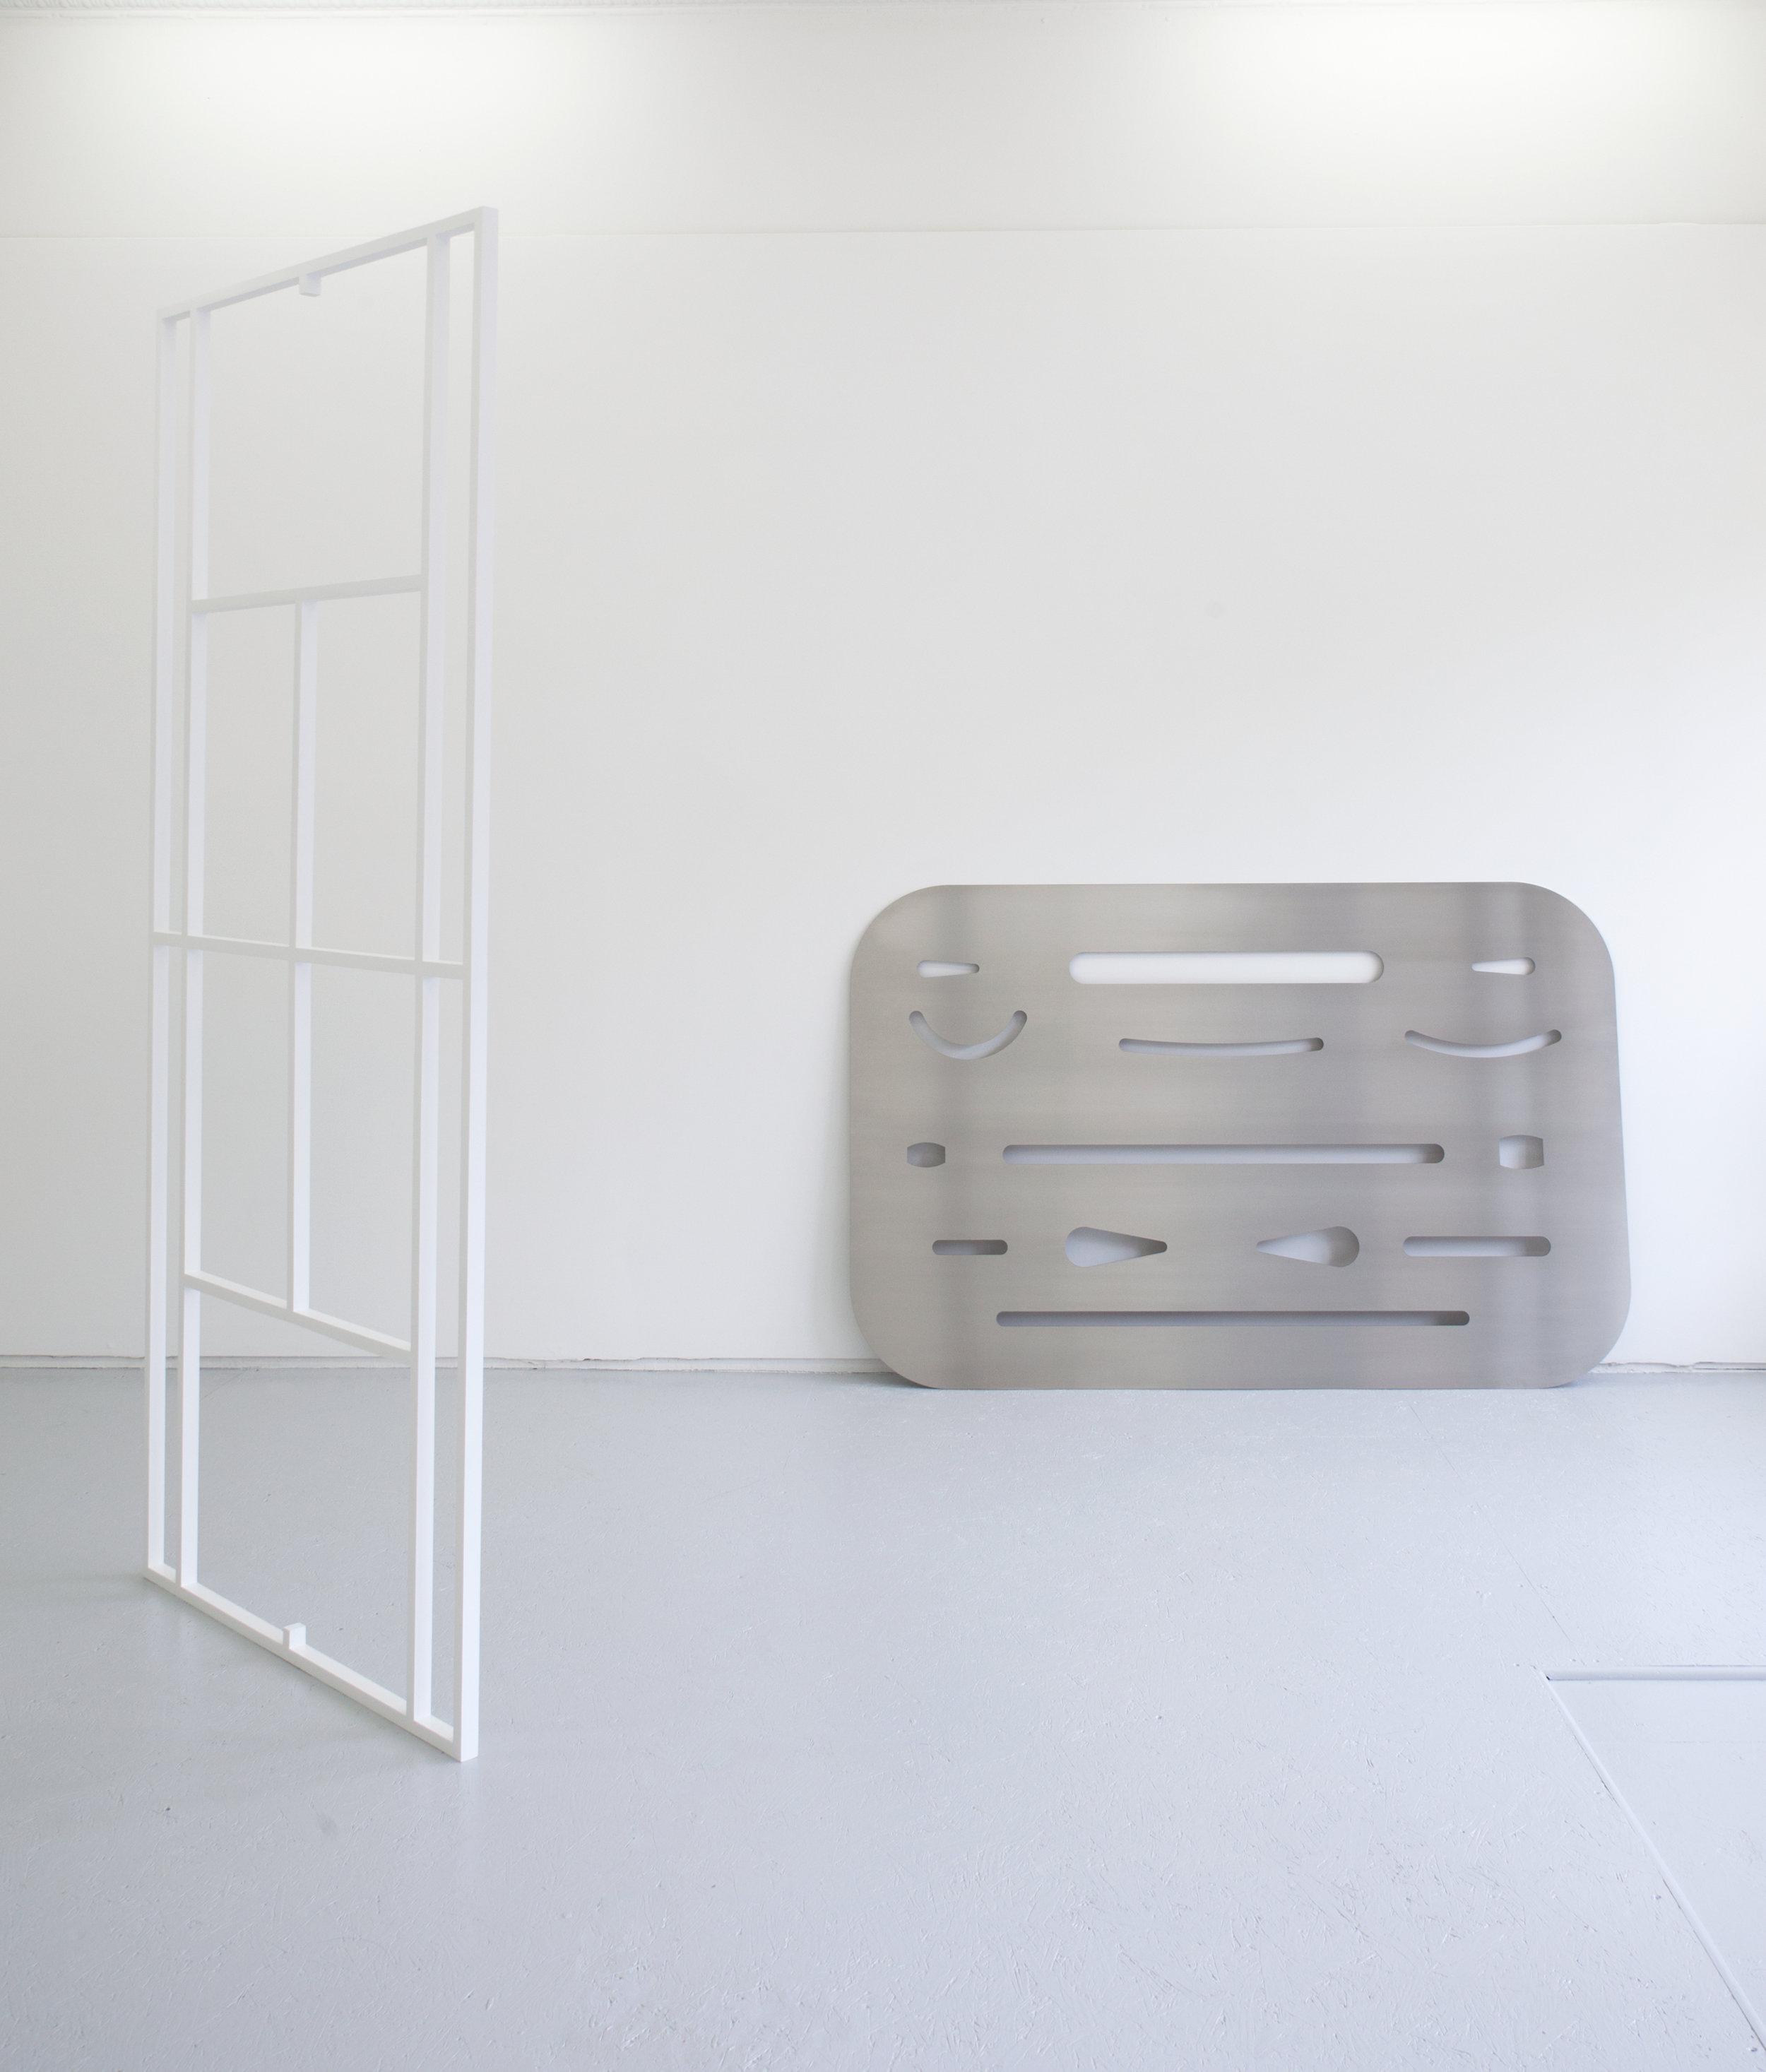 Elizabeth-Atterbury_installation-view_02.jpg